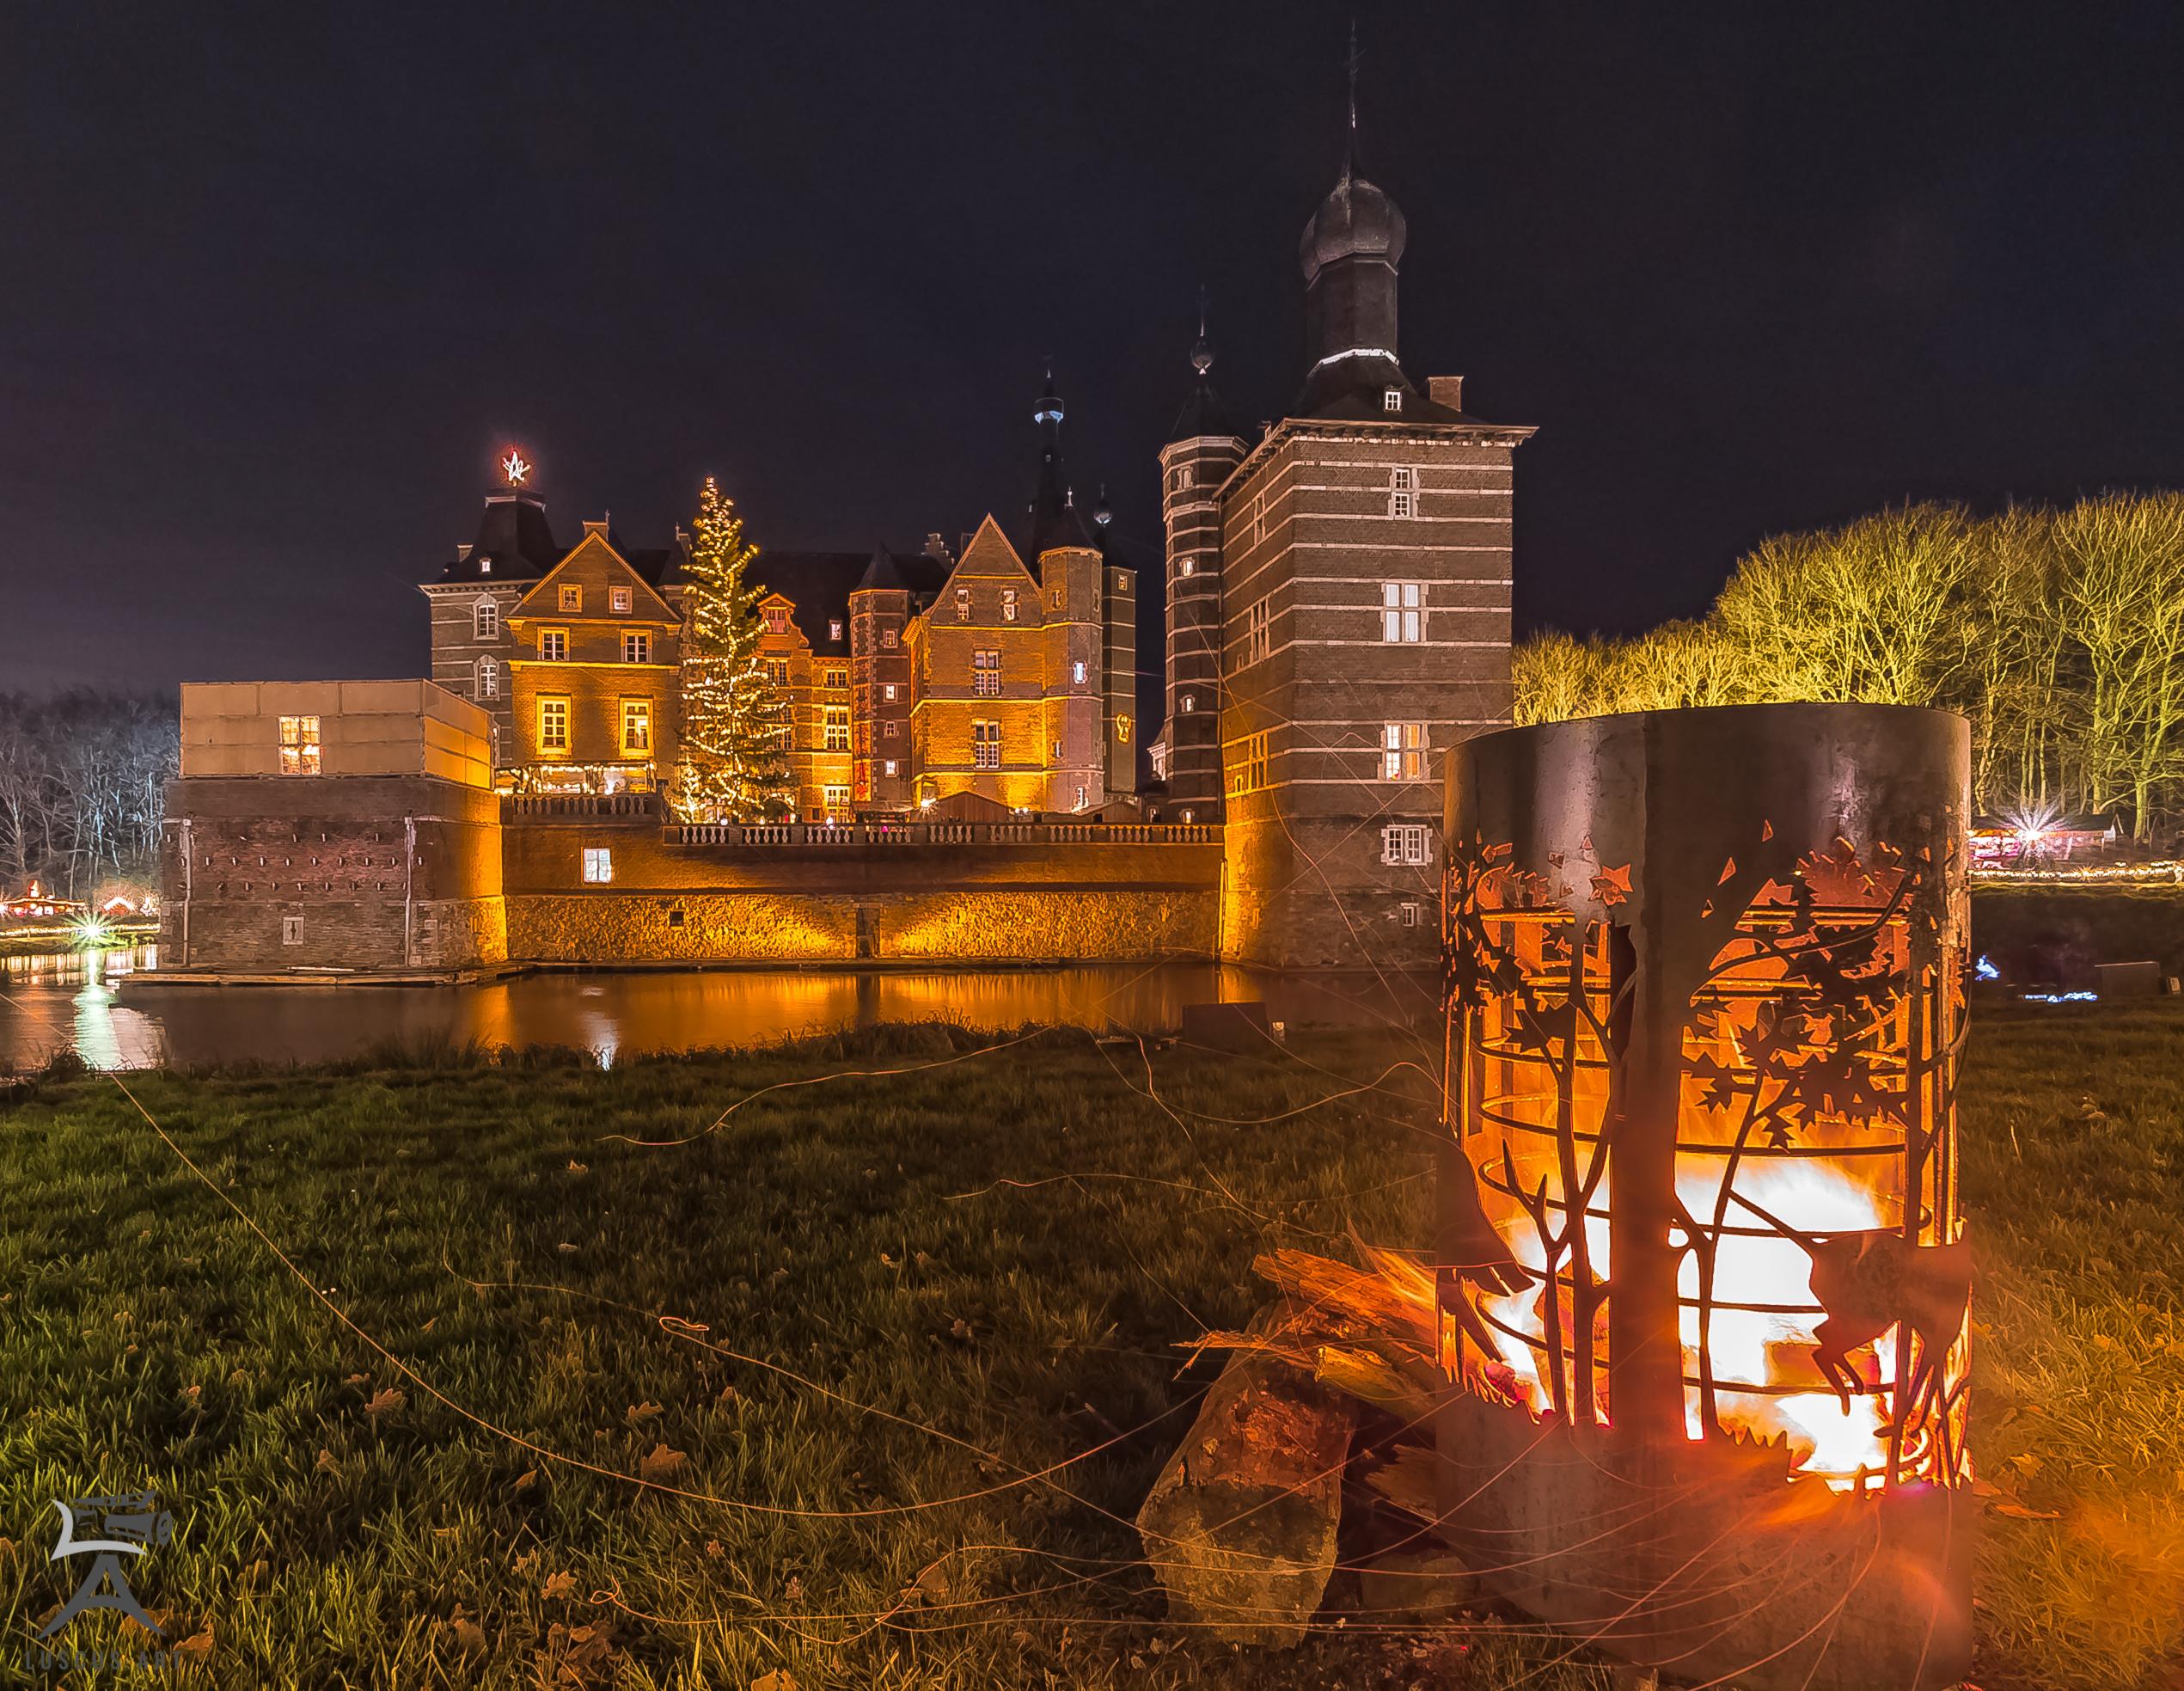 Weihnachtsmarkt auf Schloss Merode, Events Merode